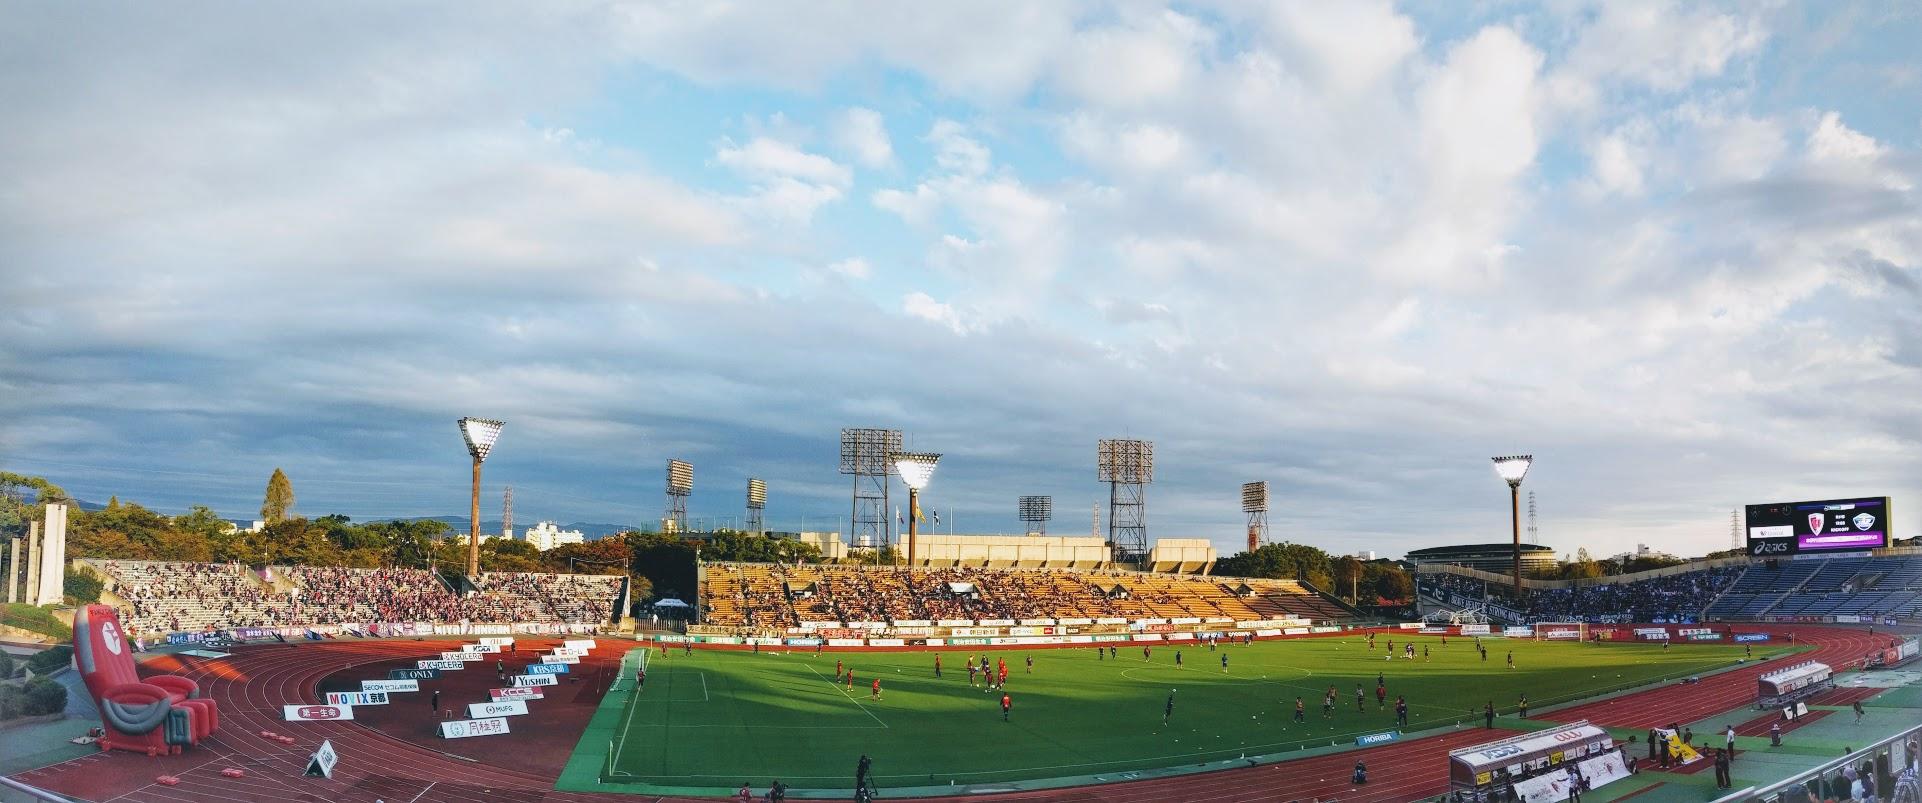 京都市西京極総合運動公園陸上競技場兼球技場